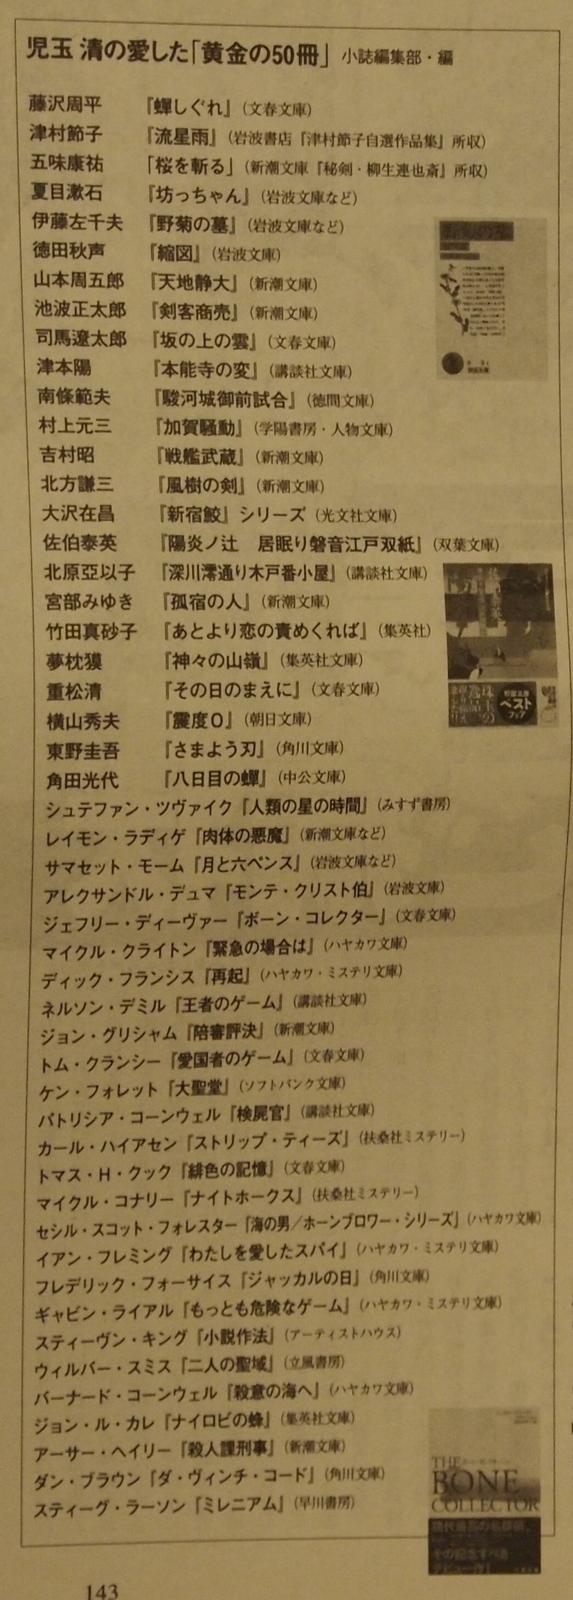 『児玉清 生涯で本当に愛した「黄金の50冊」』(「週刊文春 2011年6月2日号」)より